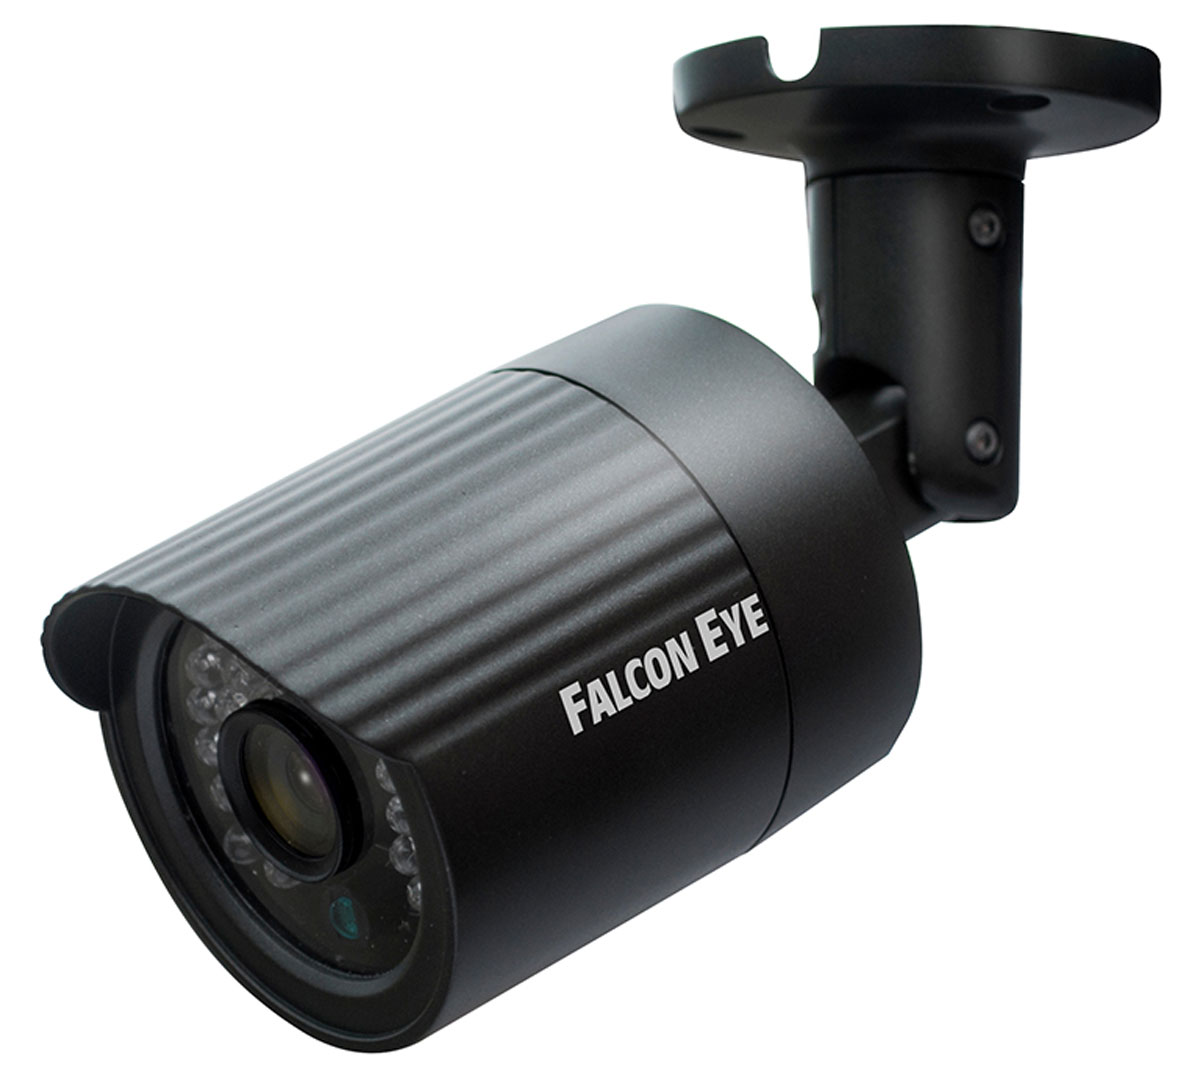 Falcon Eye FE-IPC-BL200P уличная IP-камераFE-IPC-BL200PУличная двухмегапиксельная сетевая видеокамера Falcon Eye FE-IPC-BL200P выполнена на CMOS матрице 1/2.8 Sony CMOS с разрешением 2,43 мегапикселя. На камере установлен пятимегапиксельный объектив с фиксированным фокусным расстоянием 3,6 мм. Камера выполнена в миниатюрном металлическом корпусе и способна выдавать в сеть видео поток с разрешением 1920х1080Р. Возможность работать по Poe и аналоговый видеовыход являются дополнительным бонусом в этой модели.Скорость затвора: 1/25 - 1/10000День/Ночь: Авто/Ч/Б/Цвет/Внешняя подсветкаФункции: DWDR, Mirror, 3D NR, настройки изображенияРазрешение: 1920 х 1080 пиксВидео битрейт: 16Kbps-8000KbpsПоддержкаплатформ IOS, AndroidПотребляемая мощность: менее 6 ВтКак выбрать камеру видеонаблюдения для дома. Статья OZON Гид